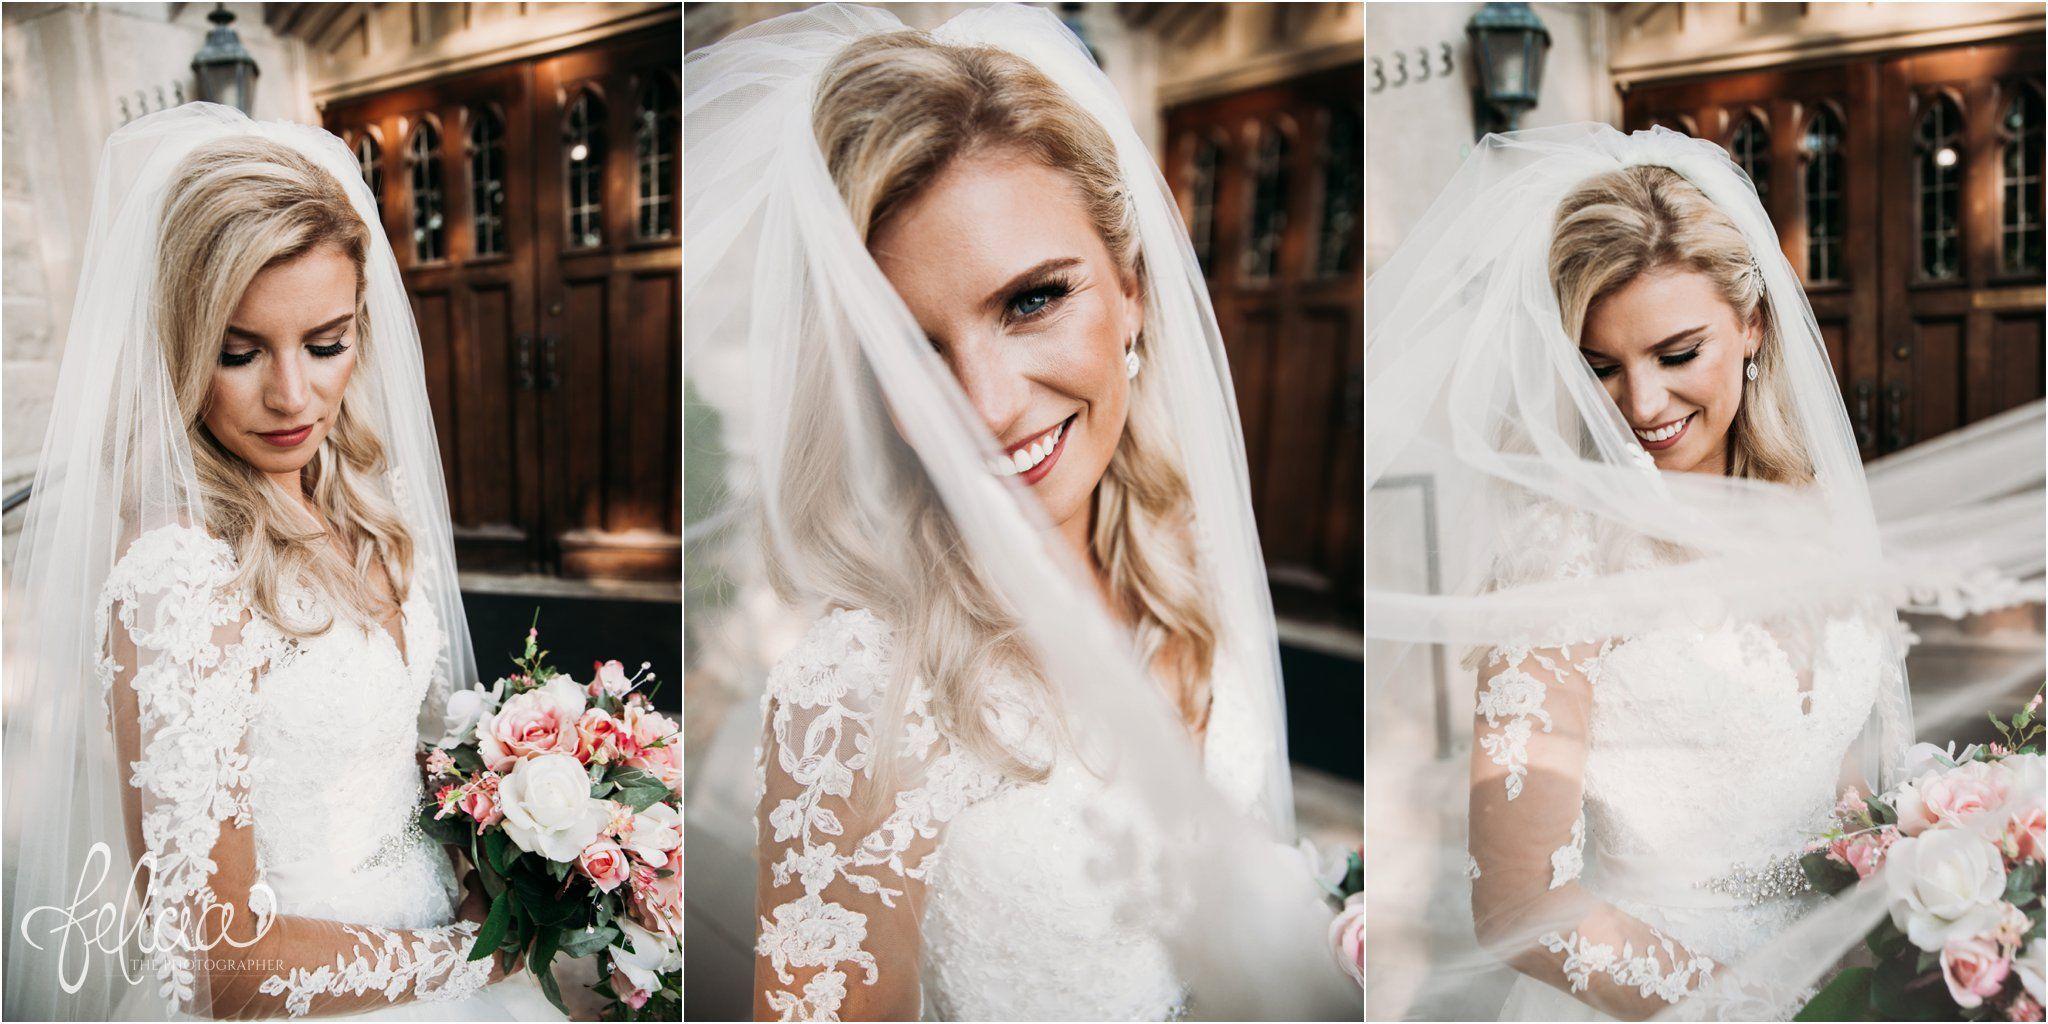 Glamourous u whimsical fairytale wedding with old world drama